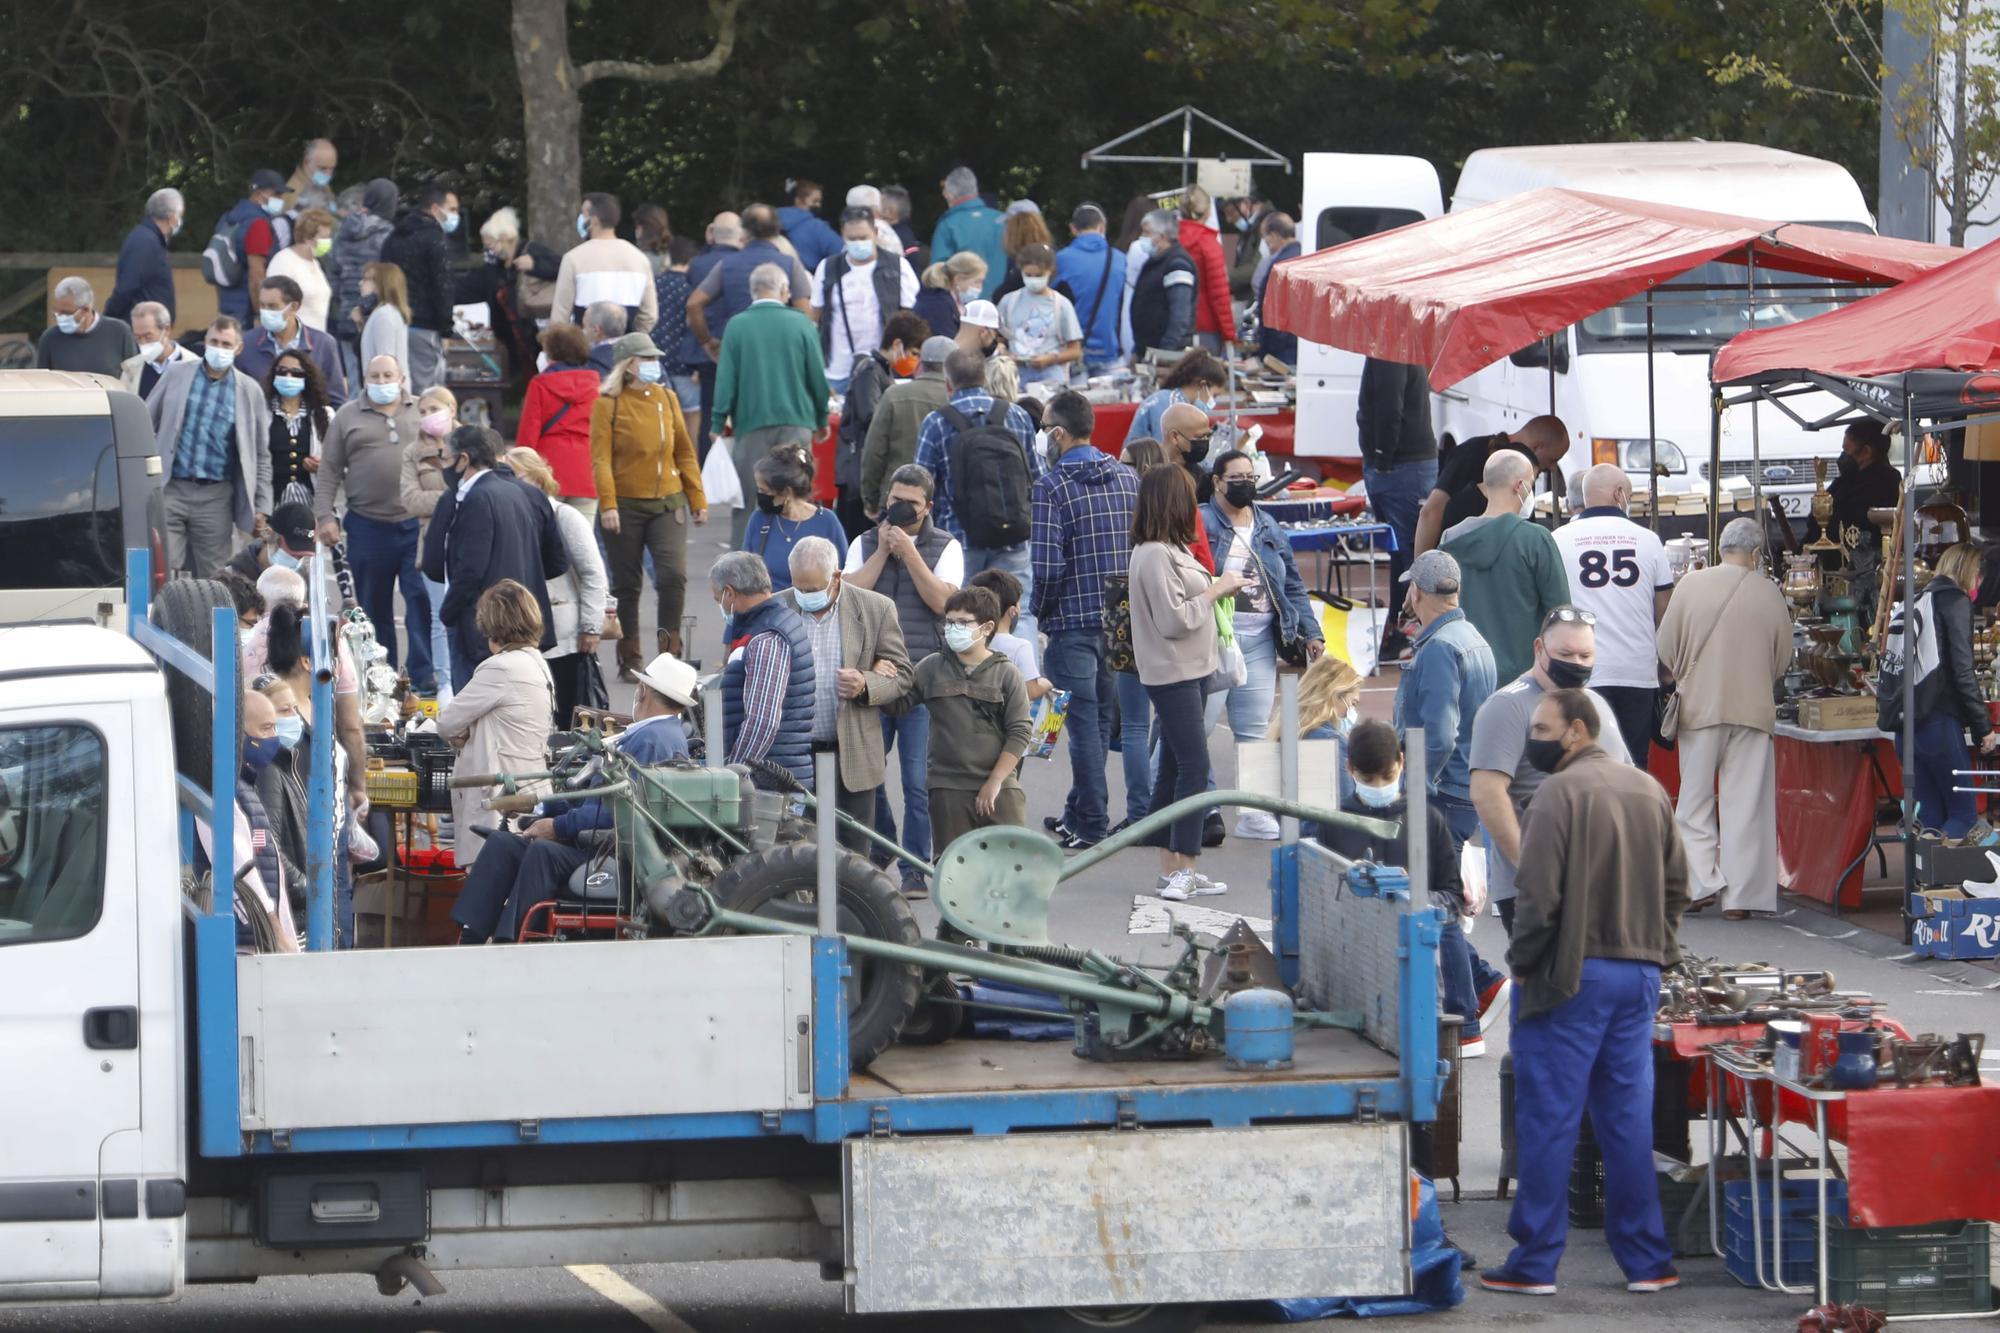 El rastro de Gijón vuelve a su organización habitual